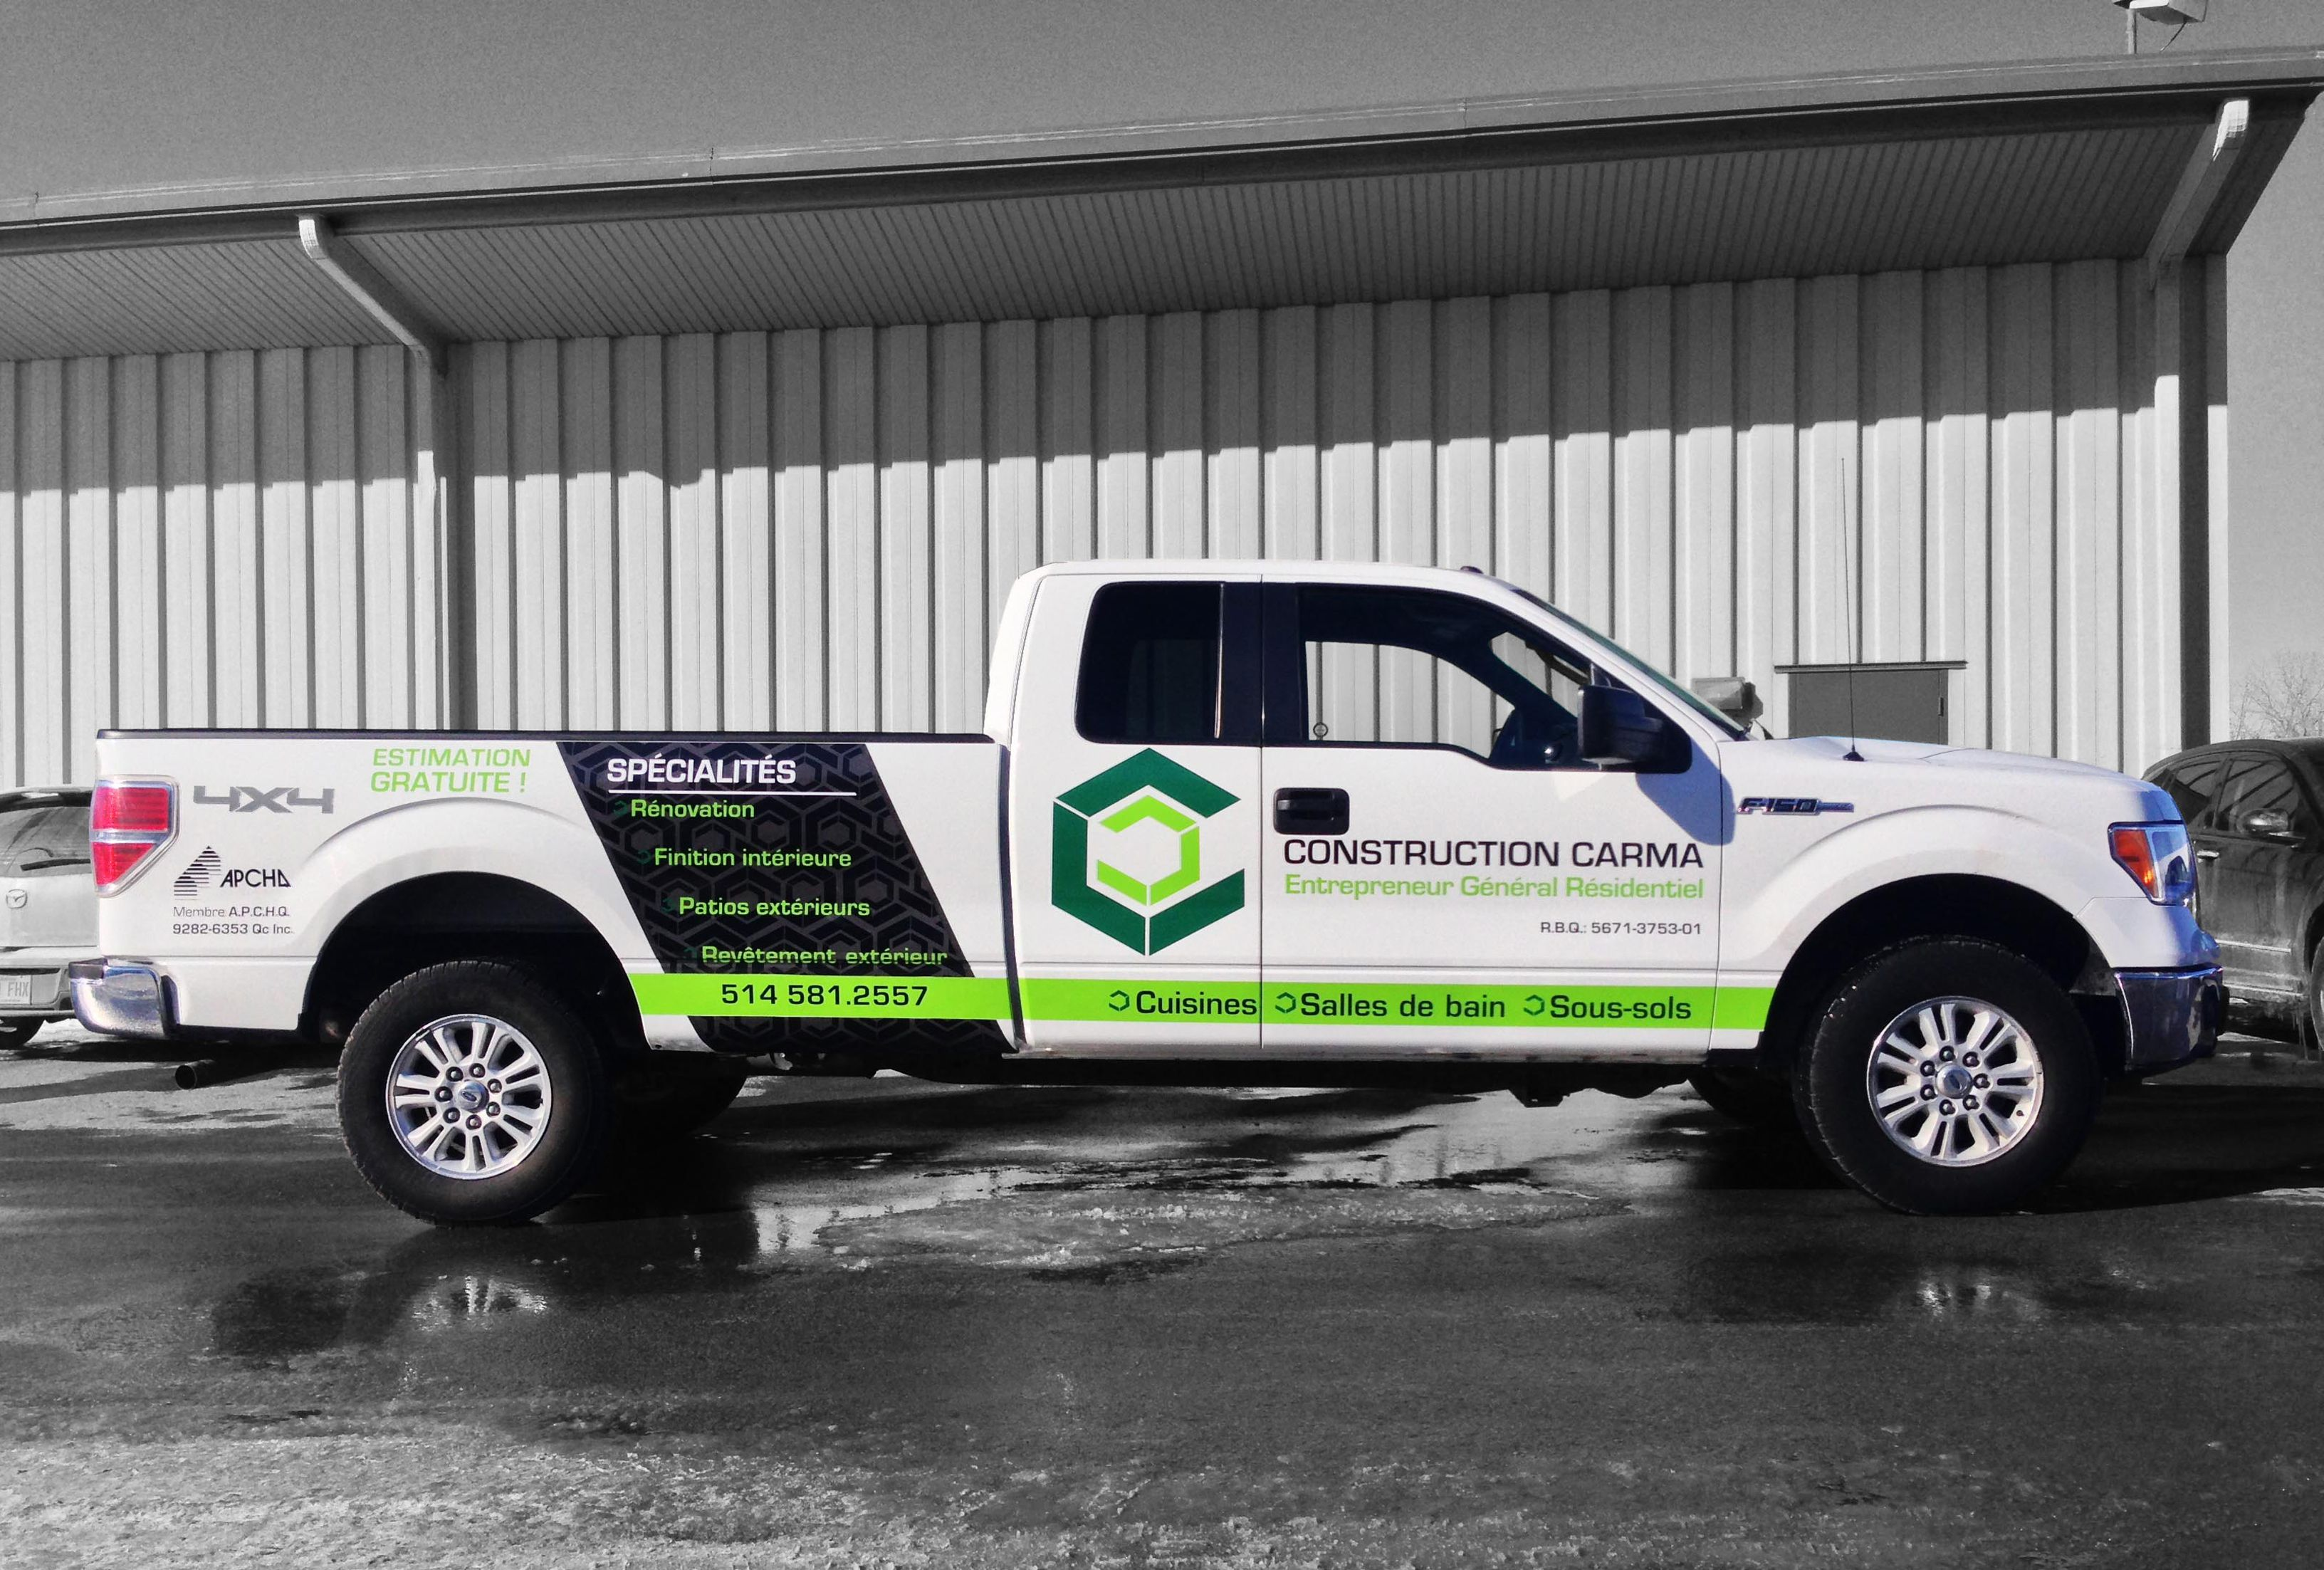 Construction Carma Wrap Partiel Truck Wraps Graphics Truck